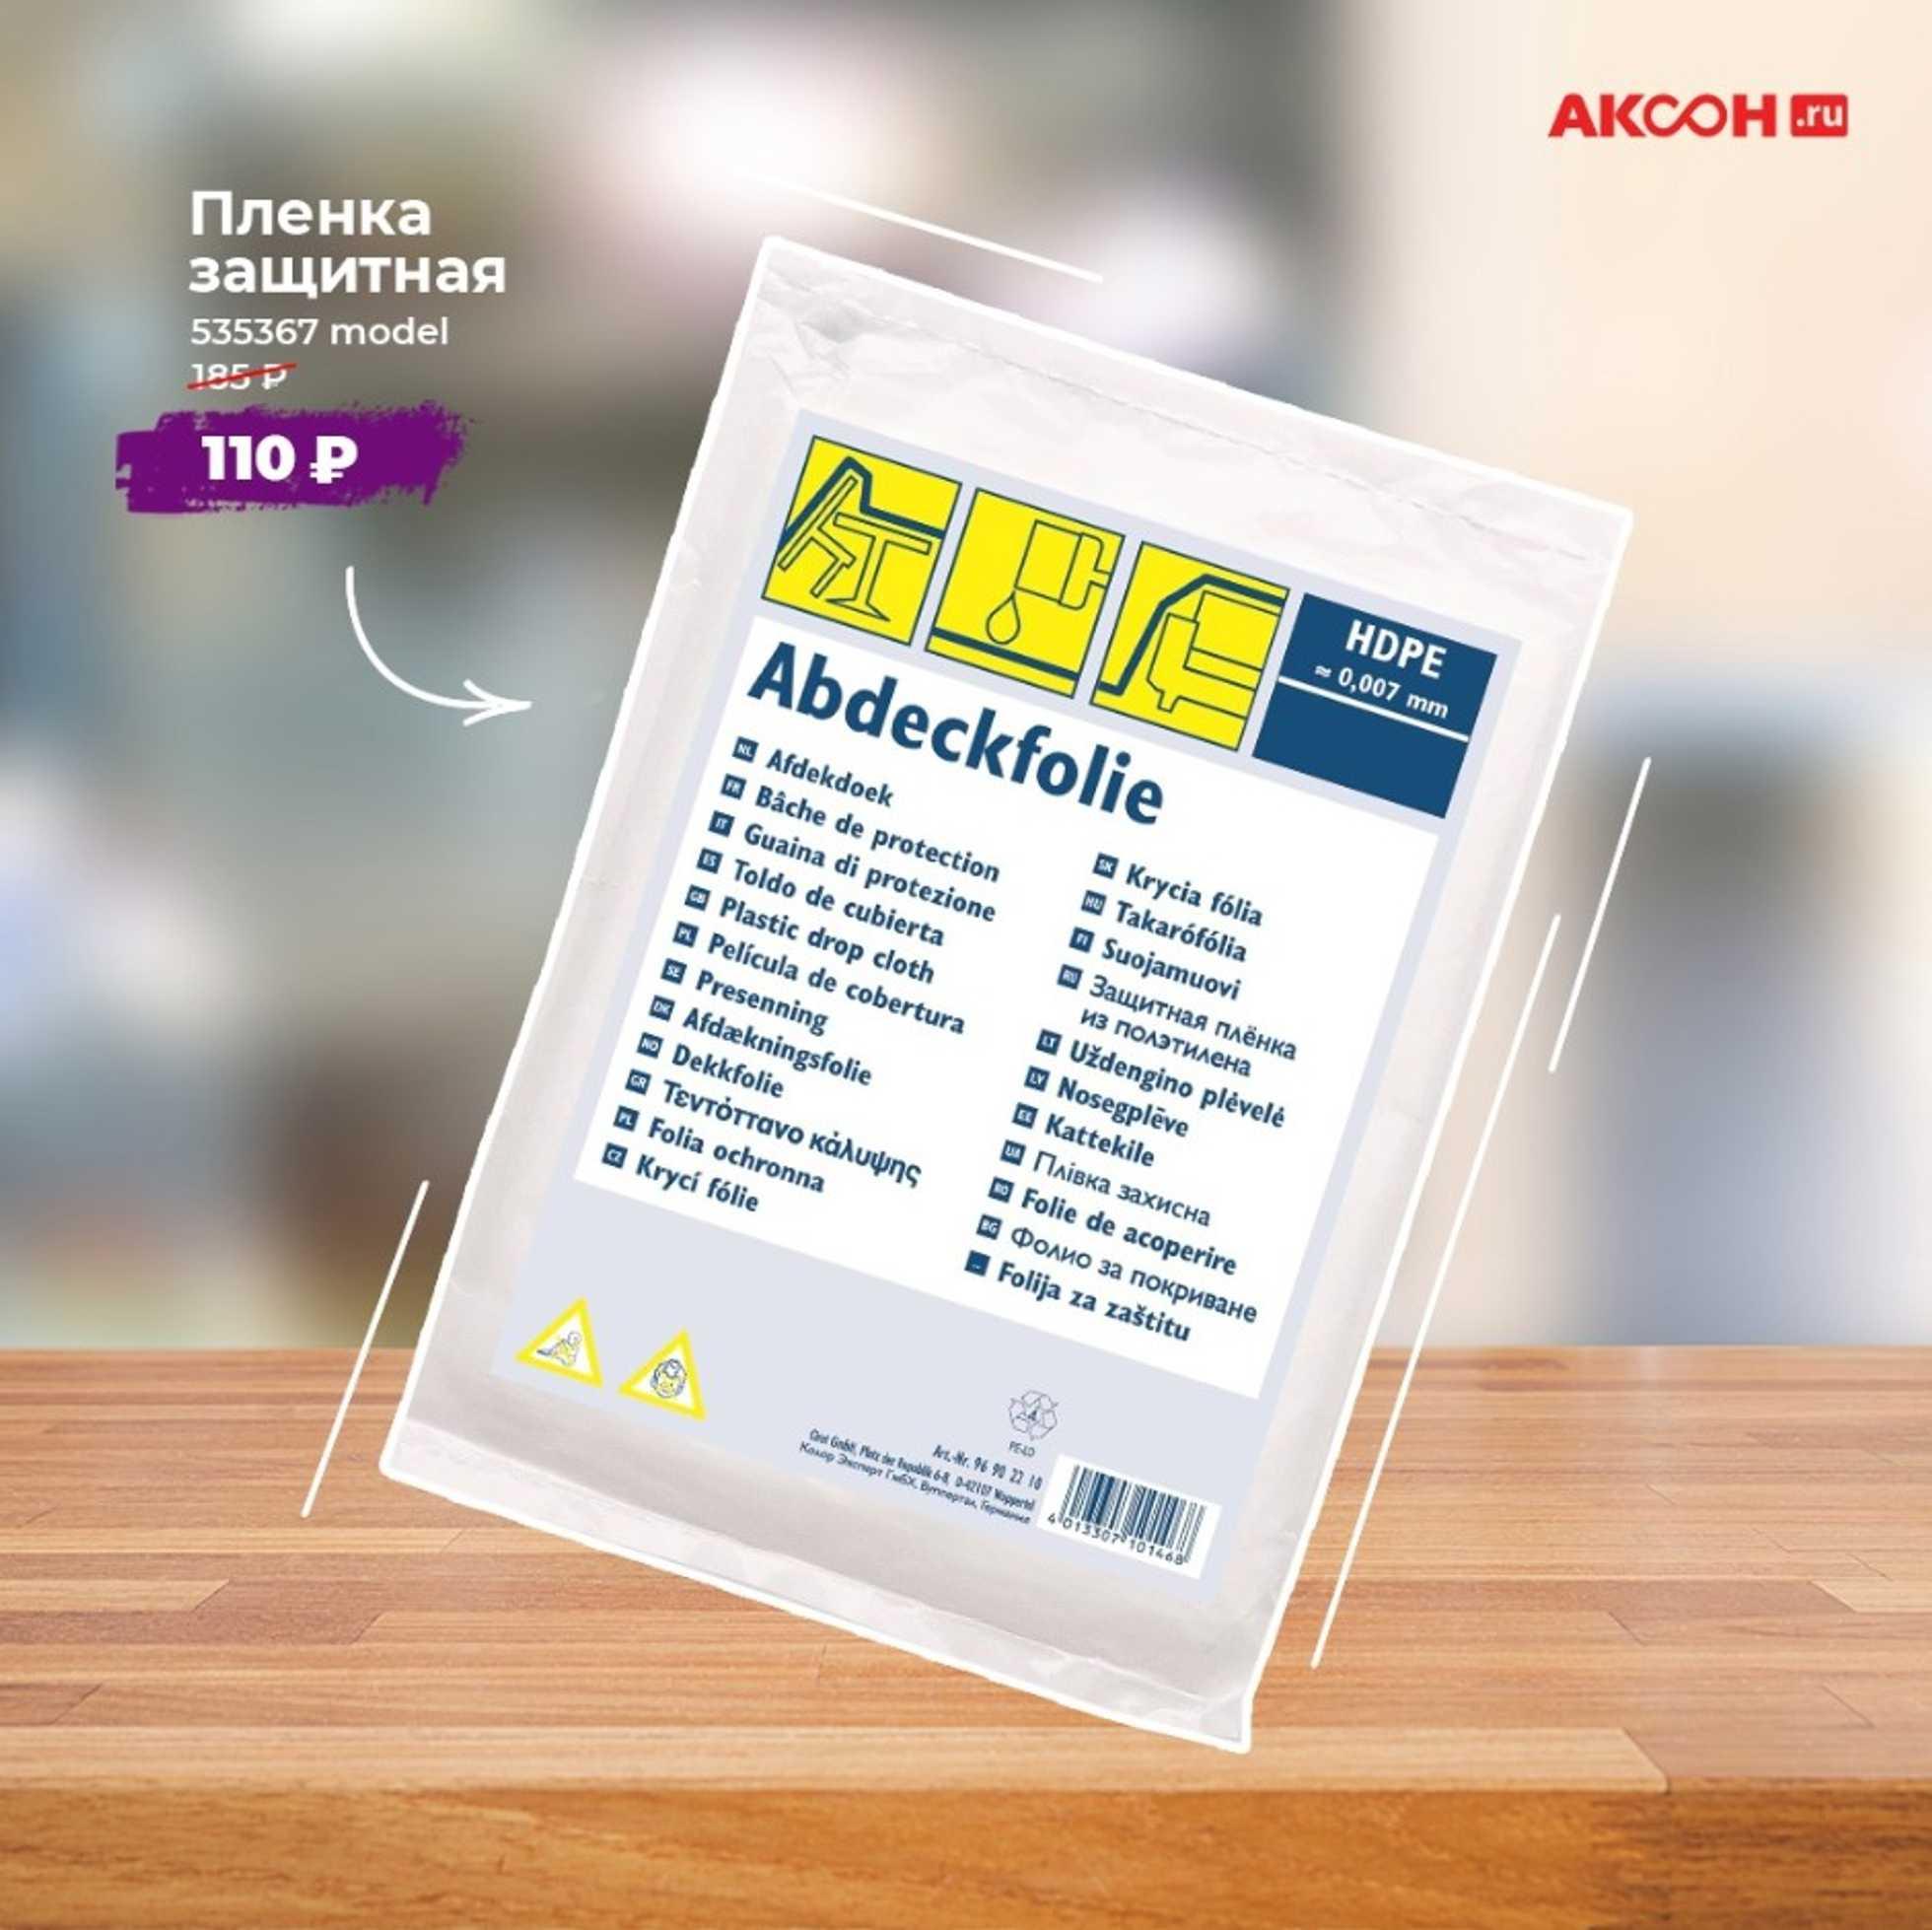 Аксон - каталог действителен с 23.09.2020 по 10.10.2020 - страница 2.